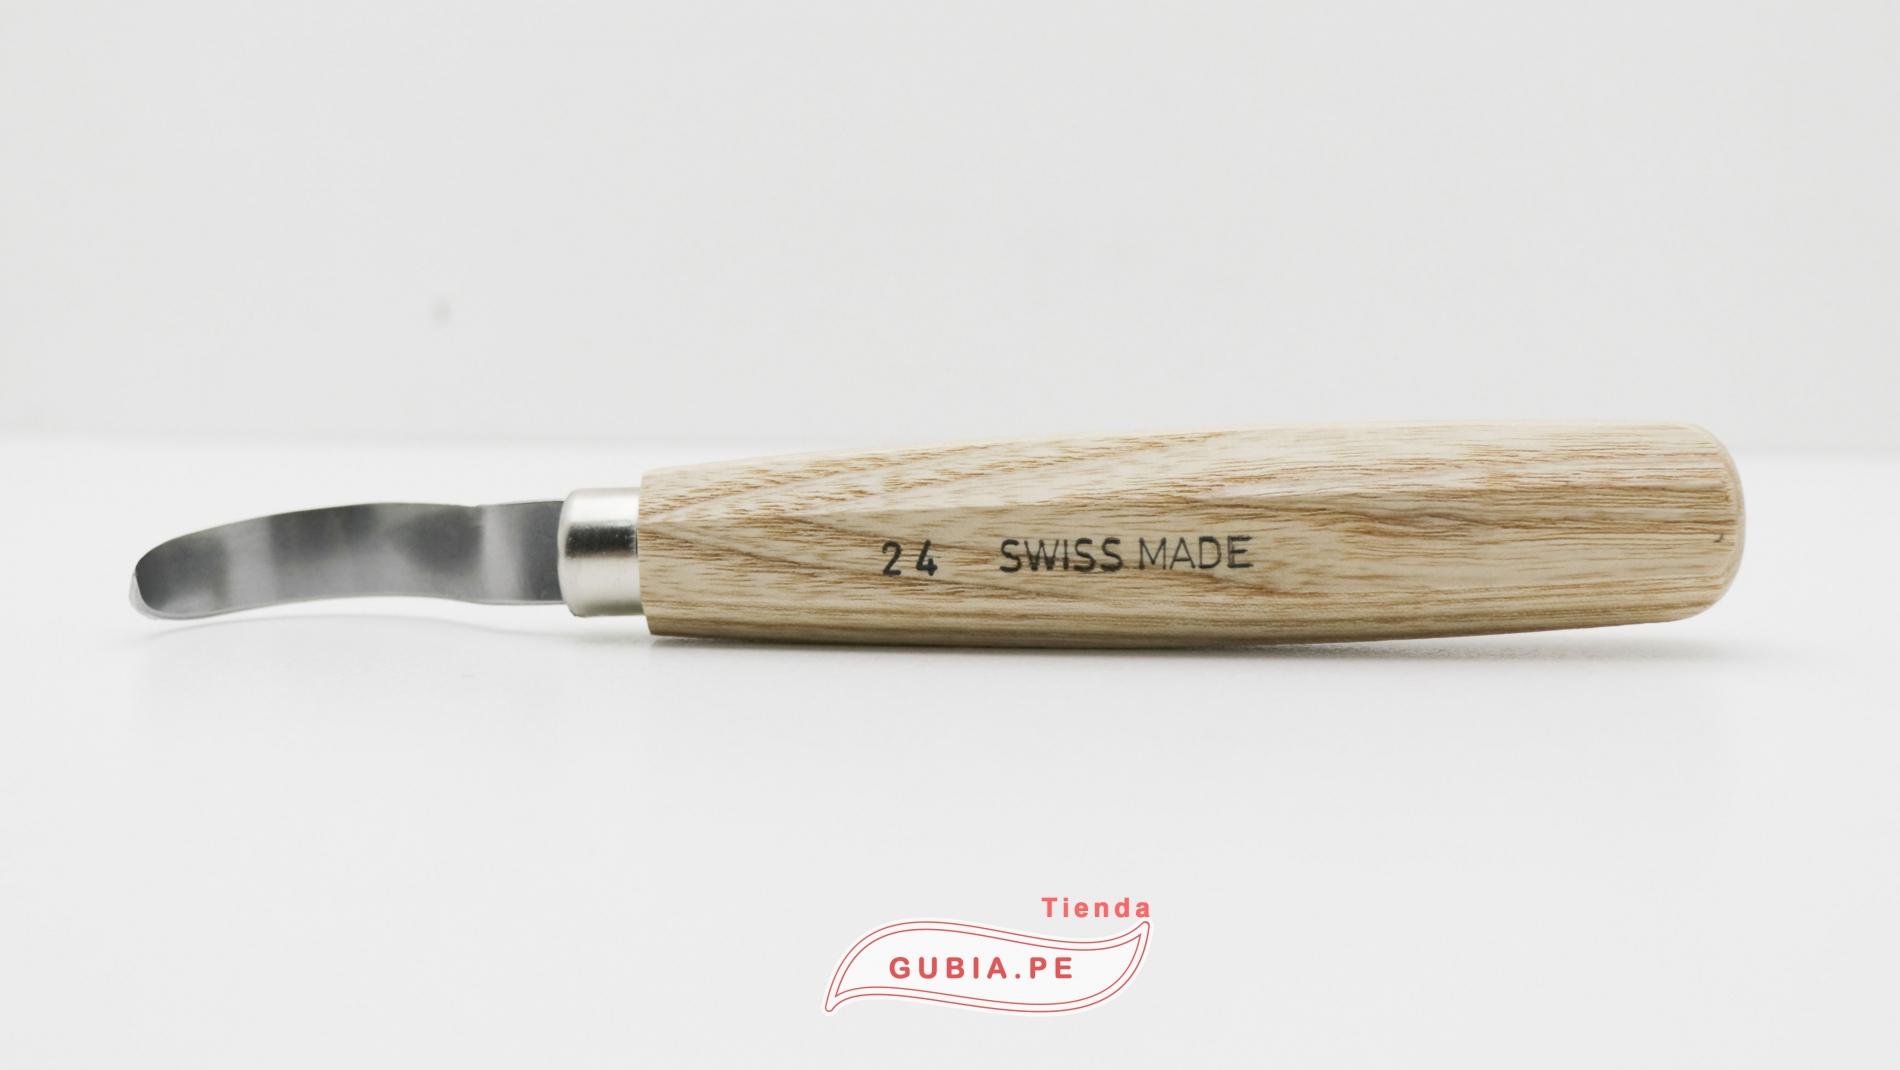 24-Cuchillo vaciador Bisel redondo Derecho. Pfeil 24. Hoja45mm Largo 180mm -max-3.